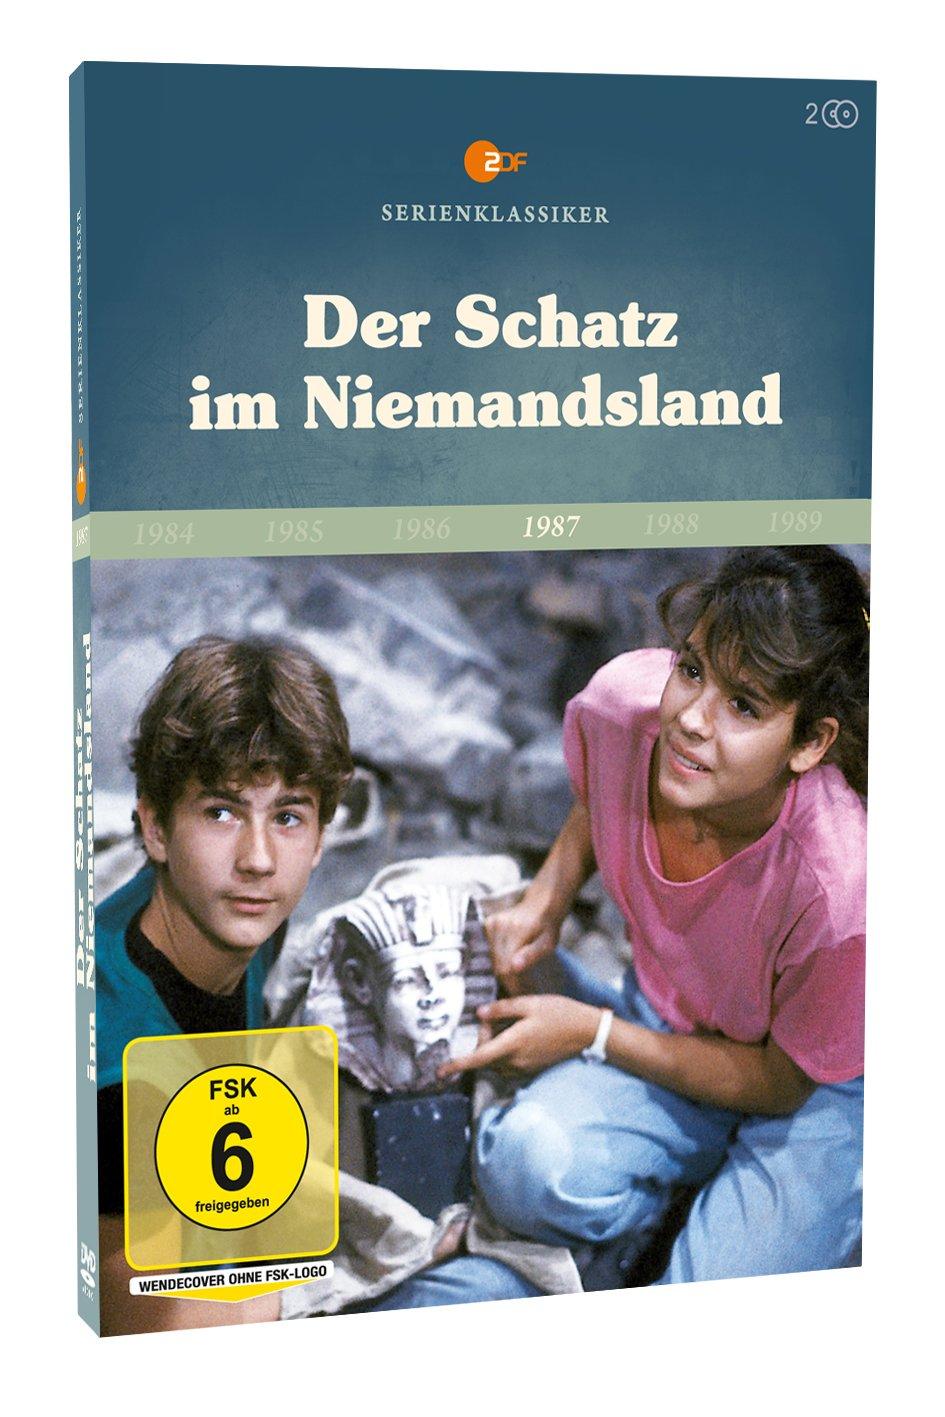 Der Schatz Im Niemandsland Die Komplette Serie 2 Dvds Zdf